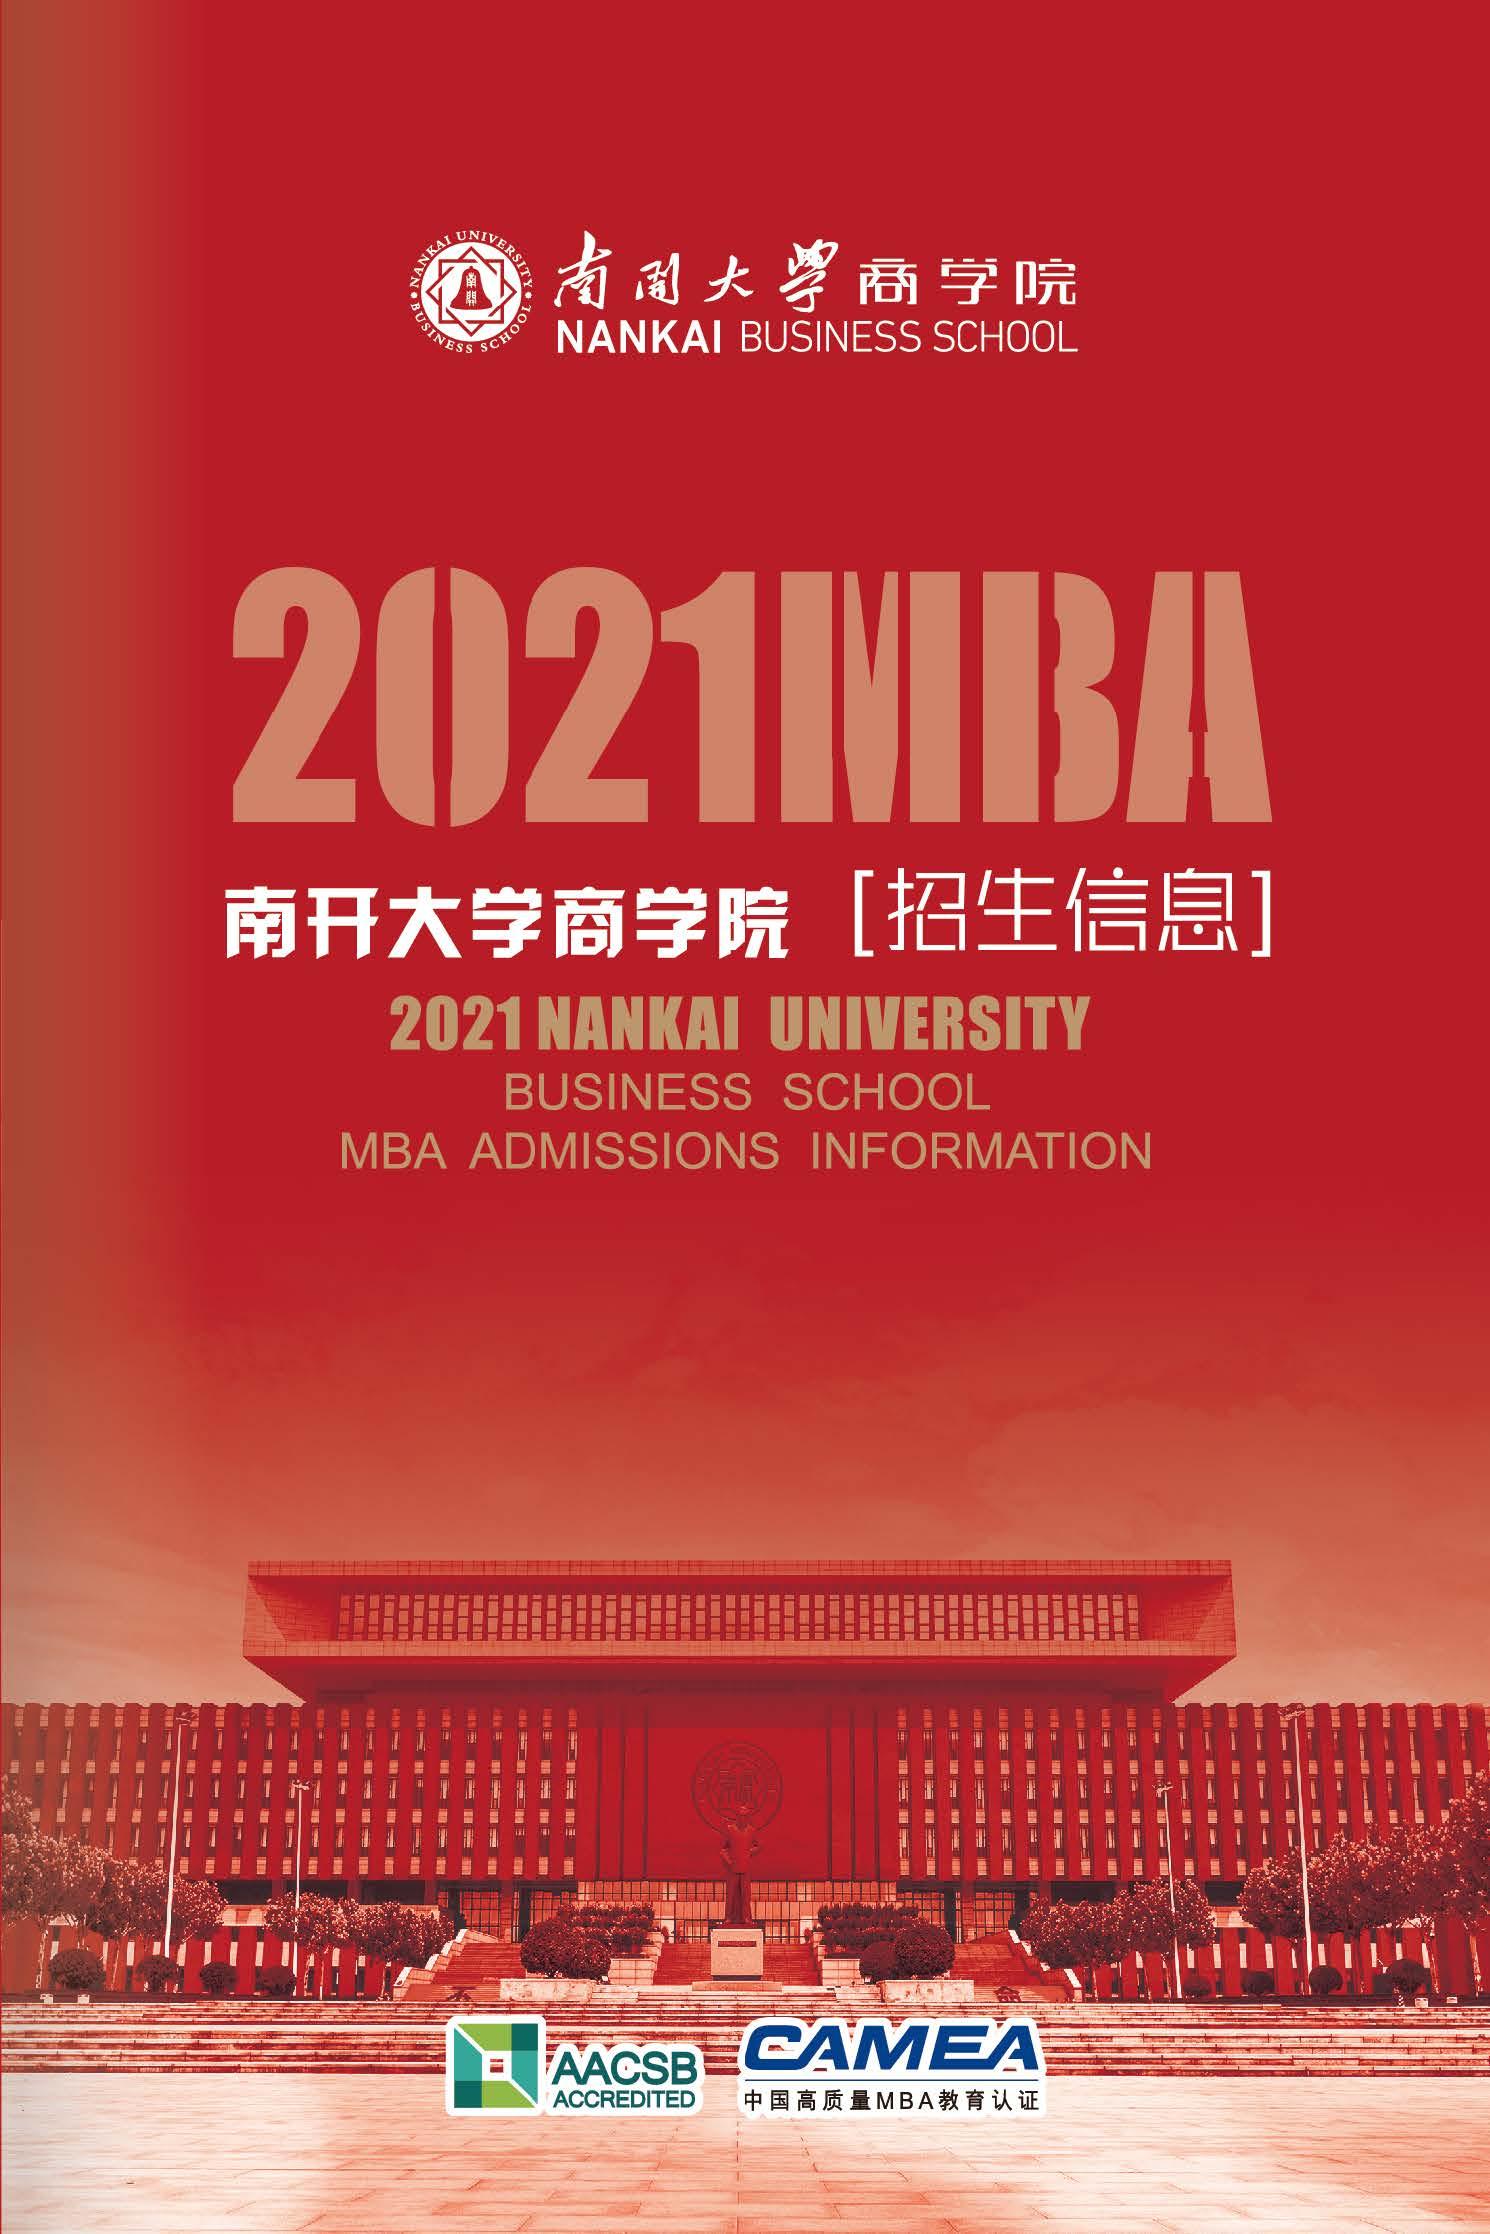 南开大学商学院2021MBA招生信息